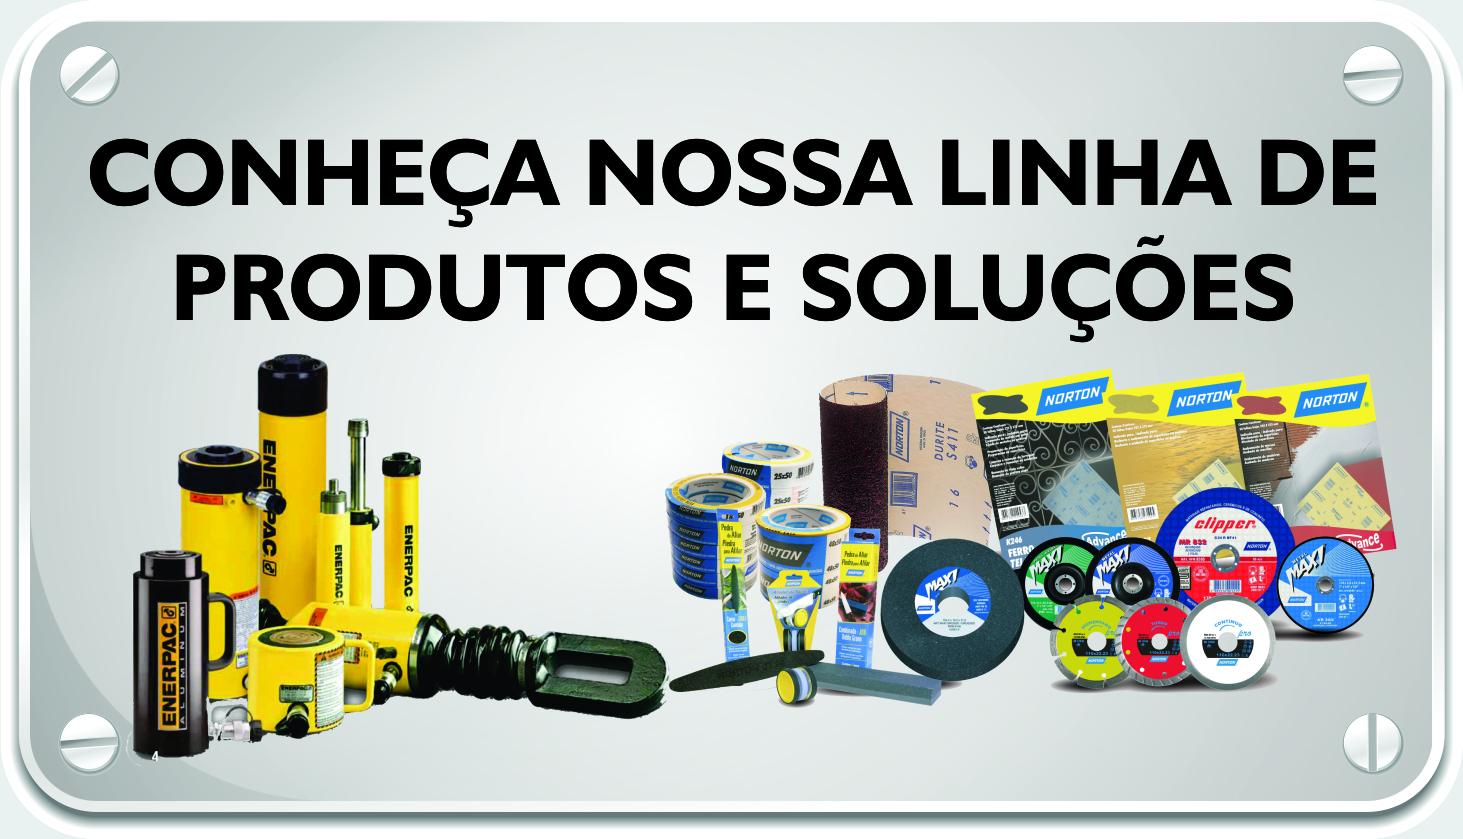 http://somatex.com.br/produtos-e-solucoes